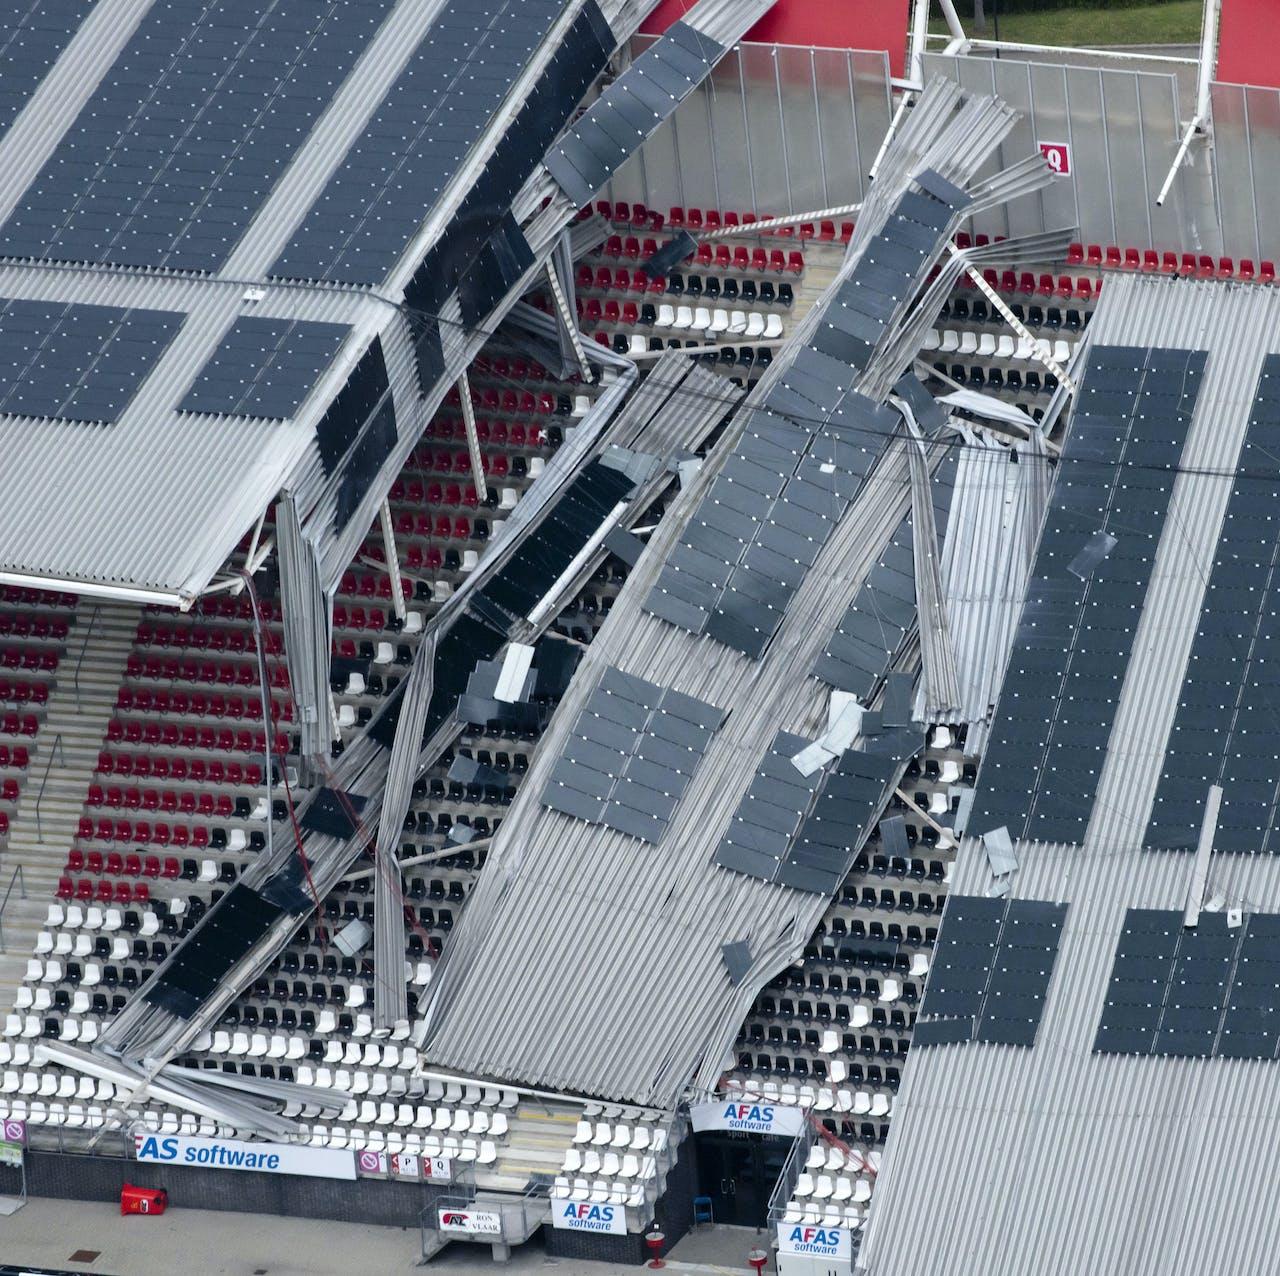 2019-08-11 00:00:00 ALKMAAR - Een luchtfoto van de schade aan het dak van het AFAS Stadion van AZ. Een gedeelte van het dak van het stadion is ingestort. ANP DUTCHPHOTO